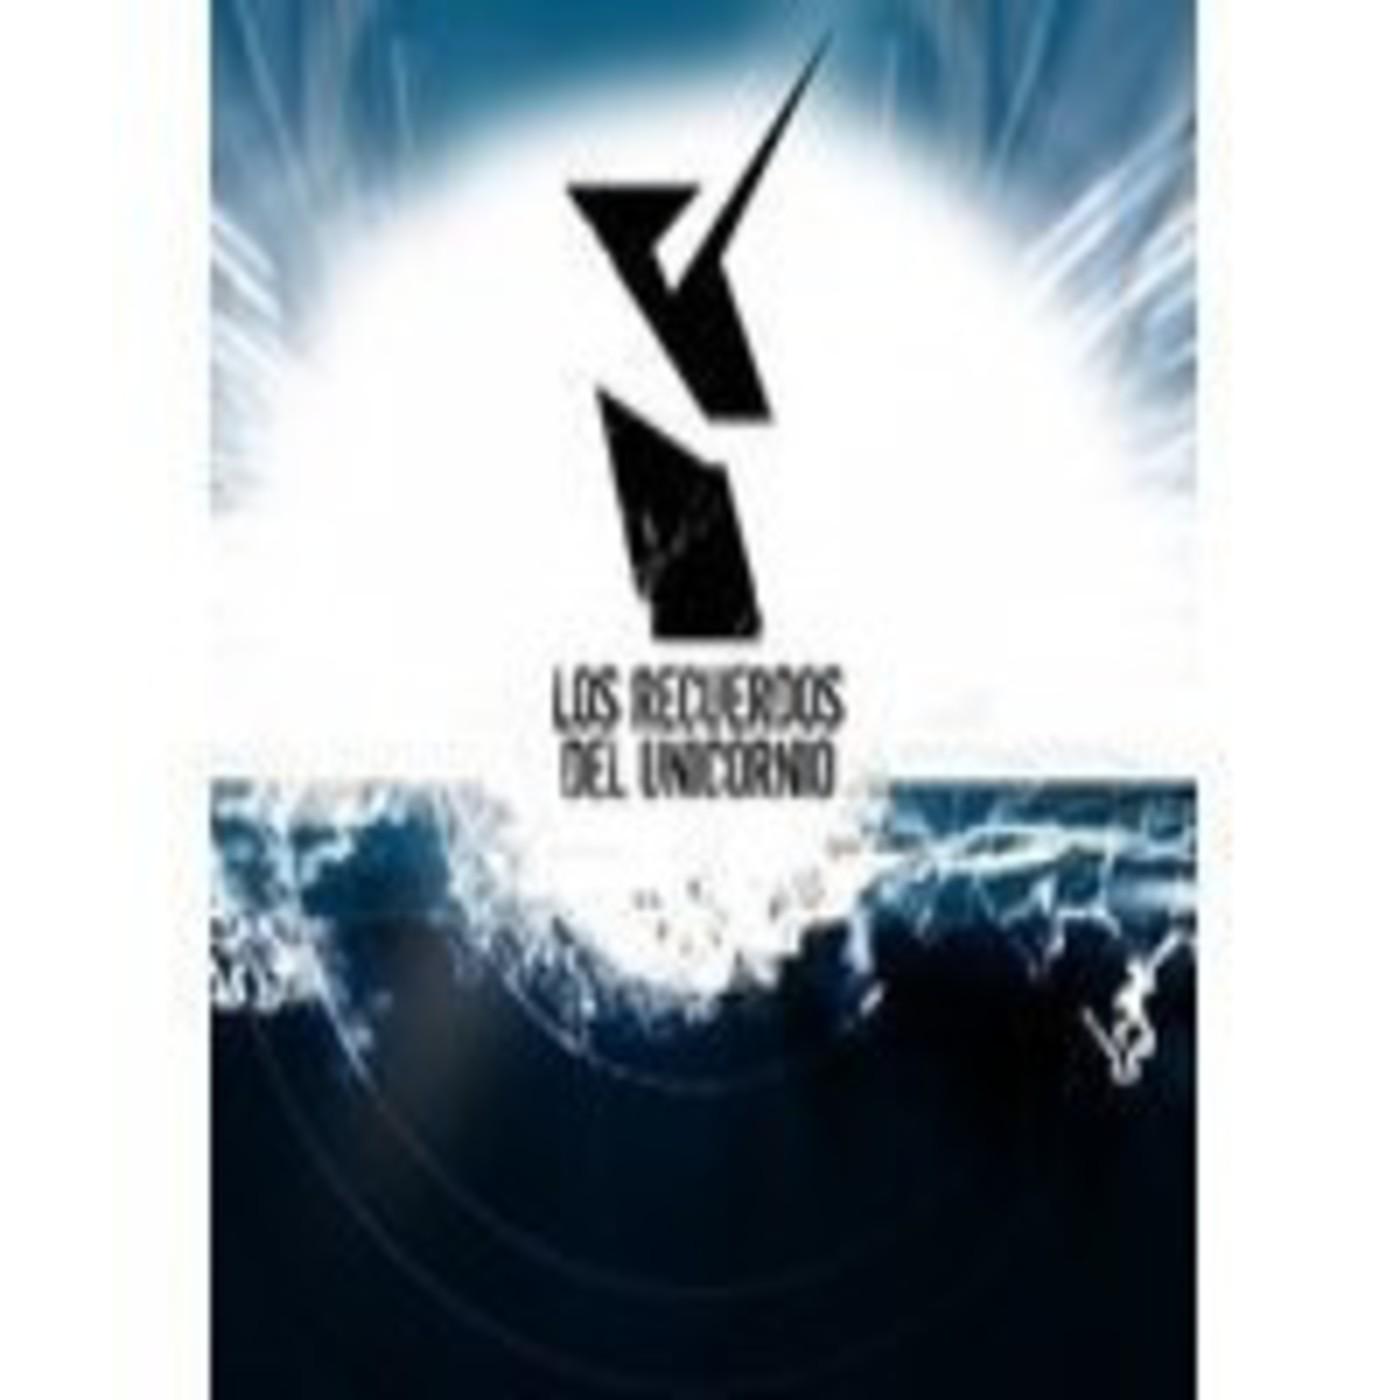 Subterranea 2x04 - Los Recuerdos del Unicornio